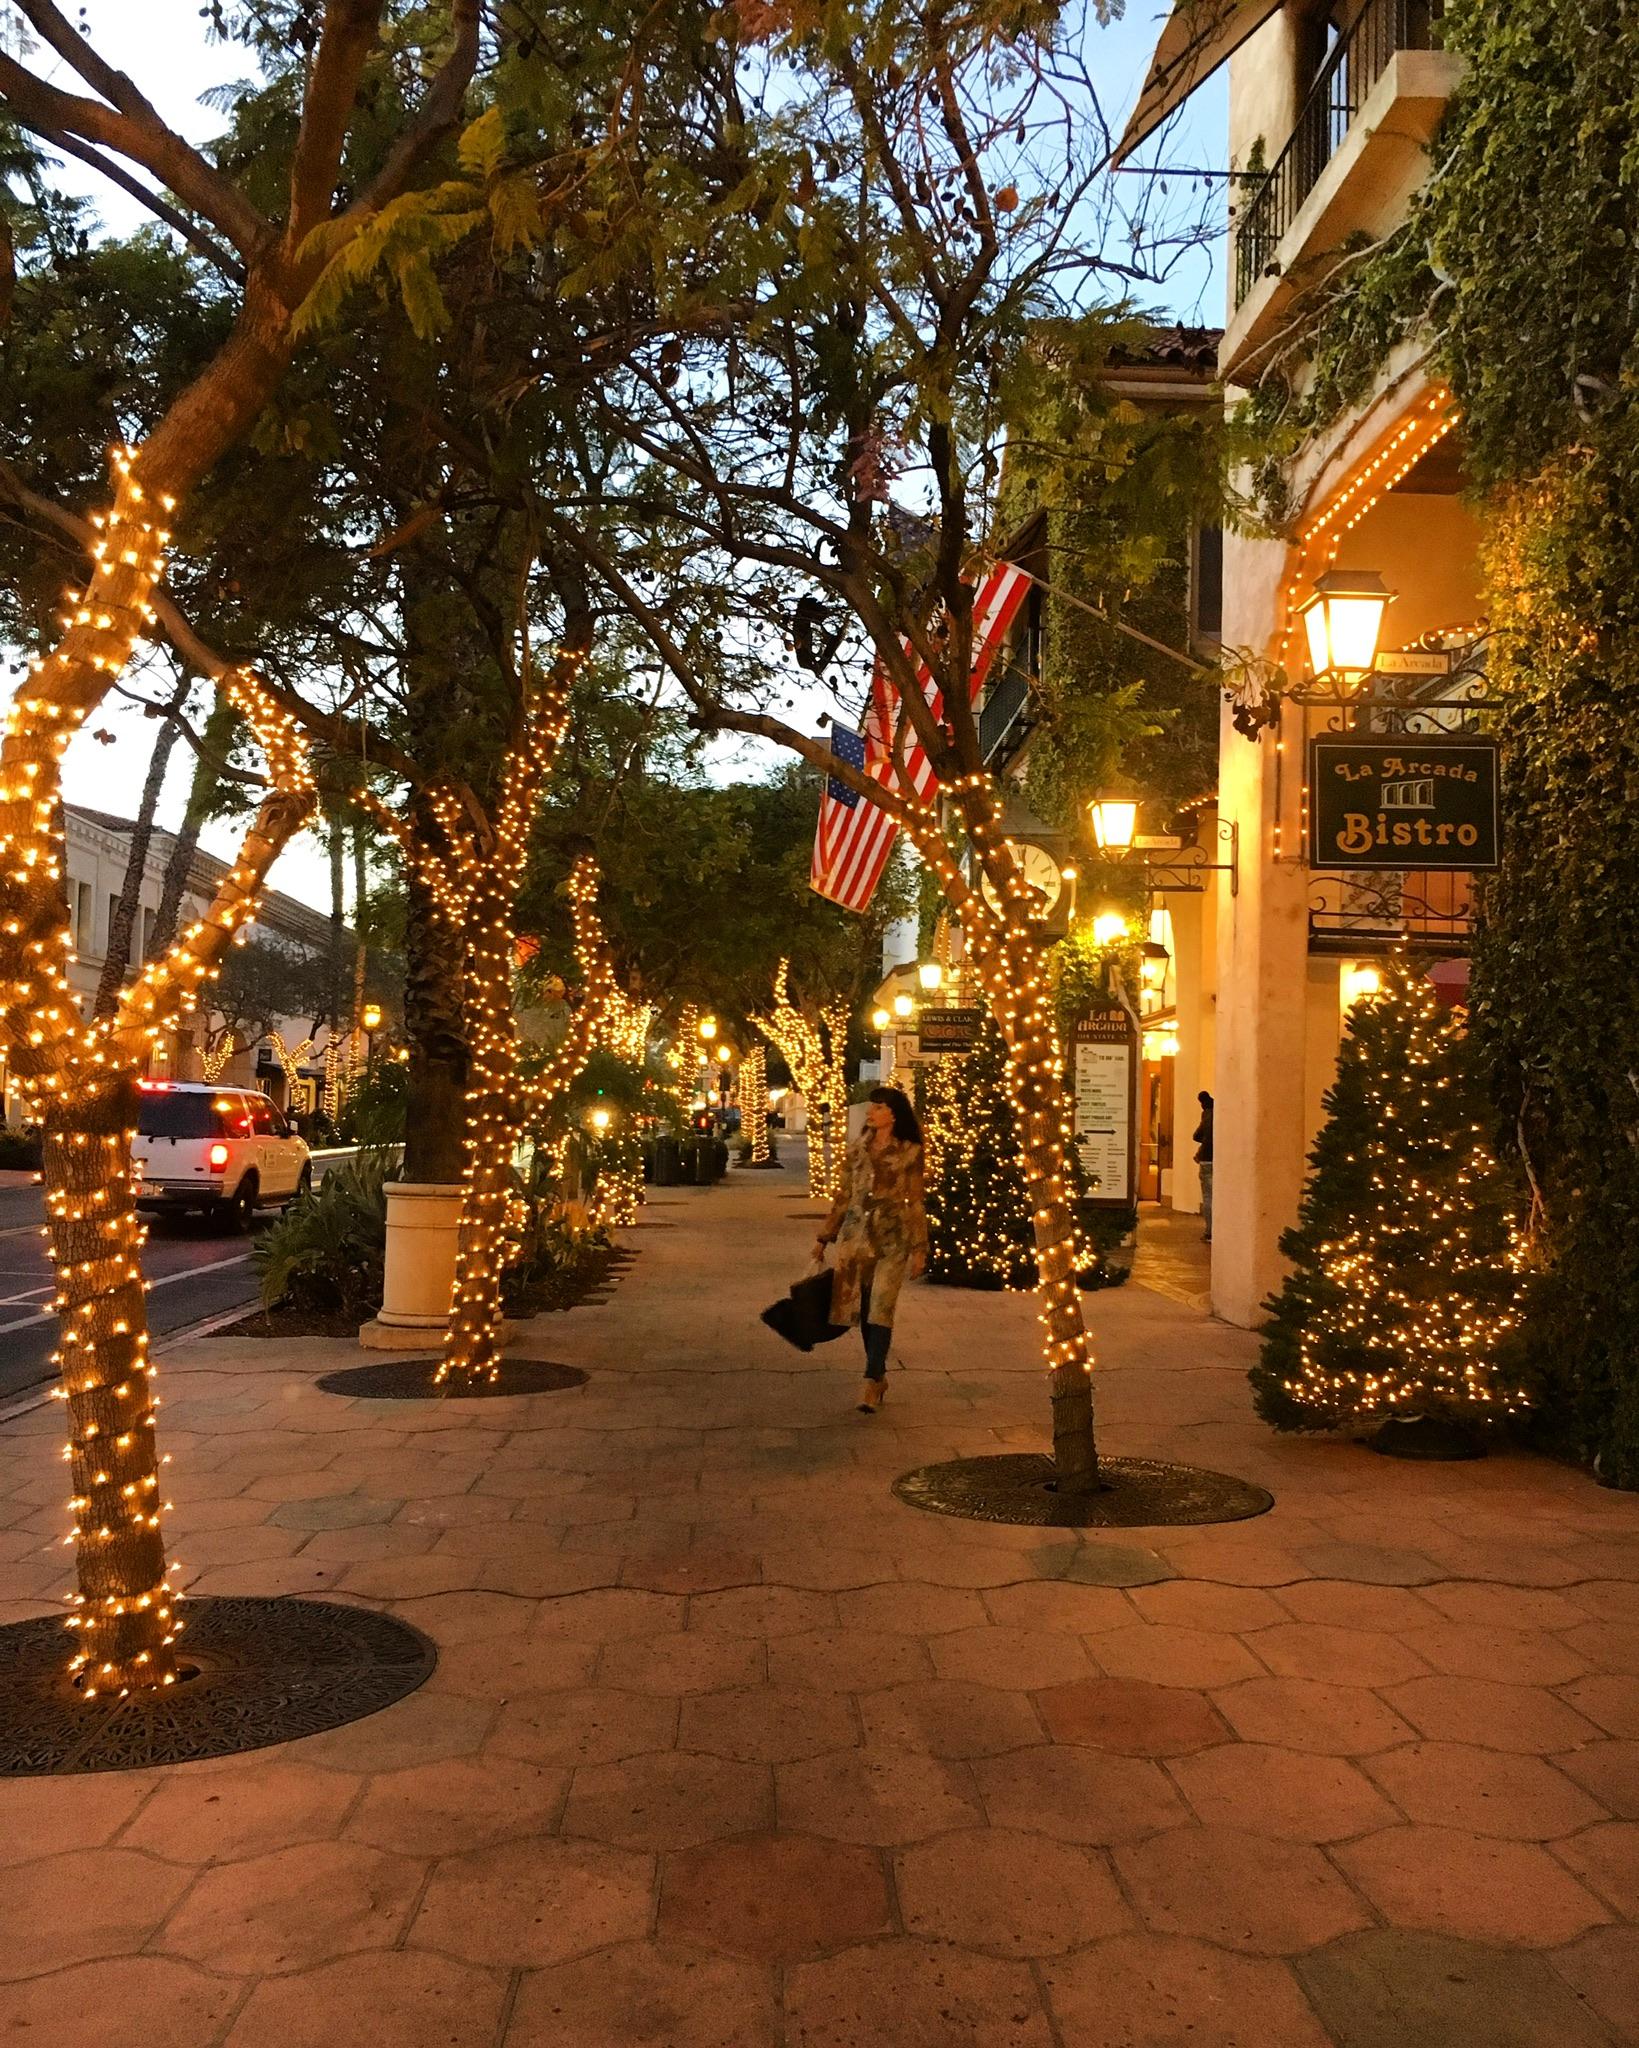 La Arcada Shopping Plaza in SAnta bArbara at Night